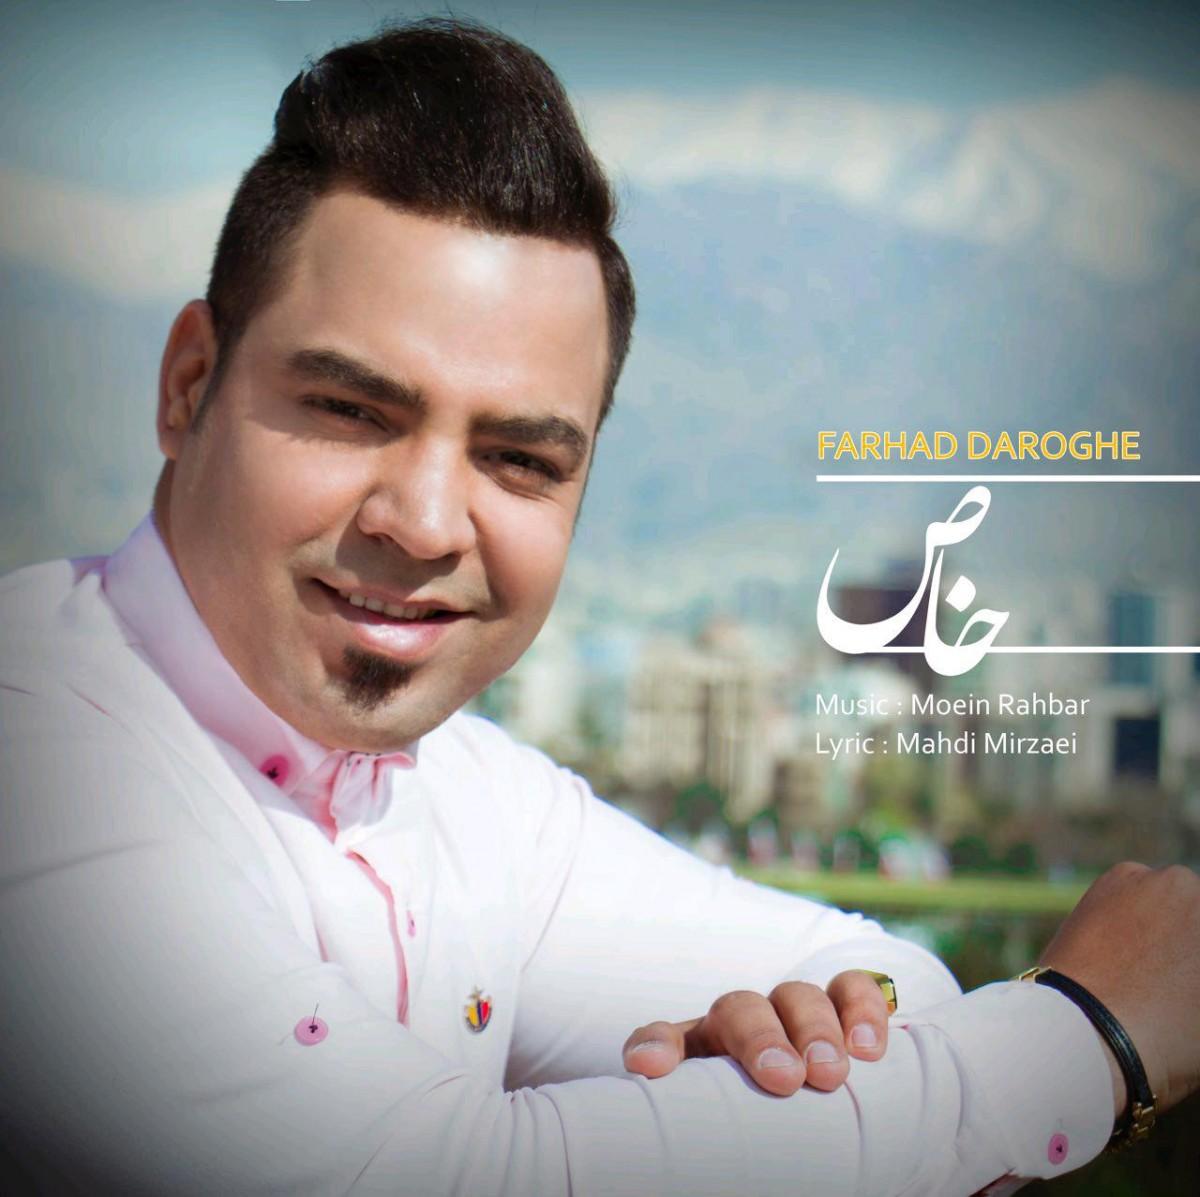 نامبر وان موزیک | دانلود آهنگ جدید Farhad-Daroghe-Khas